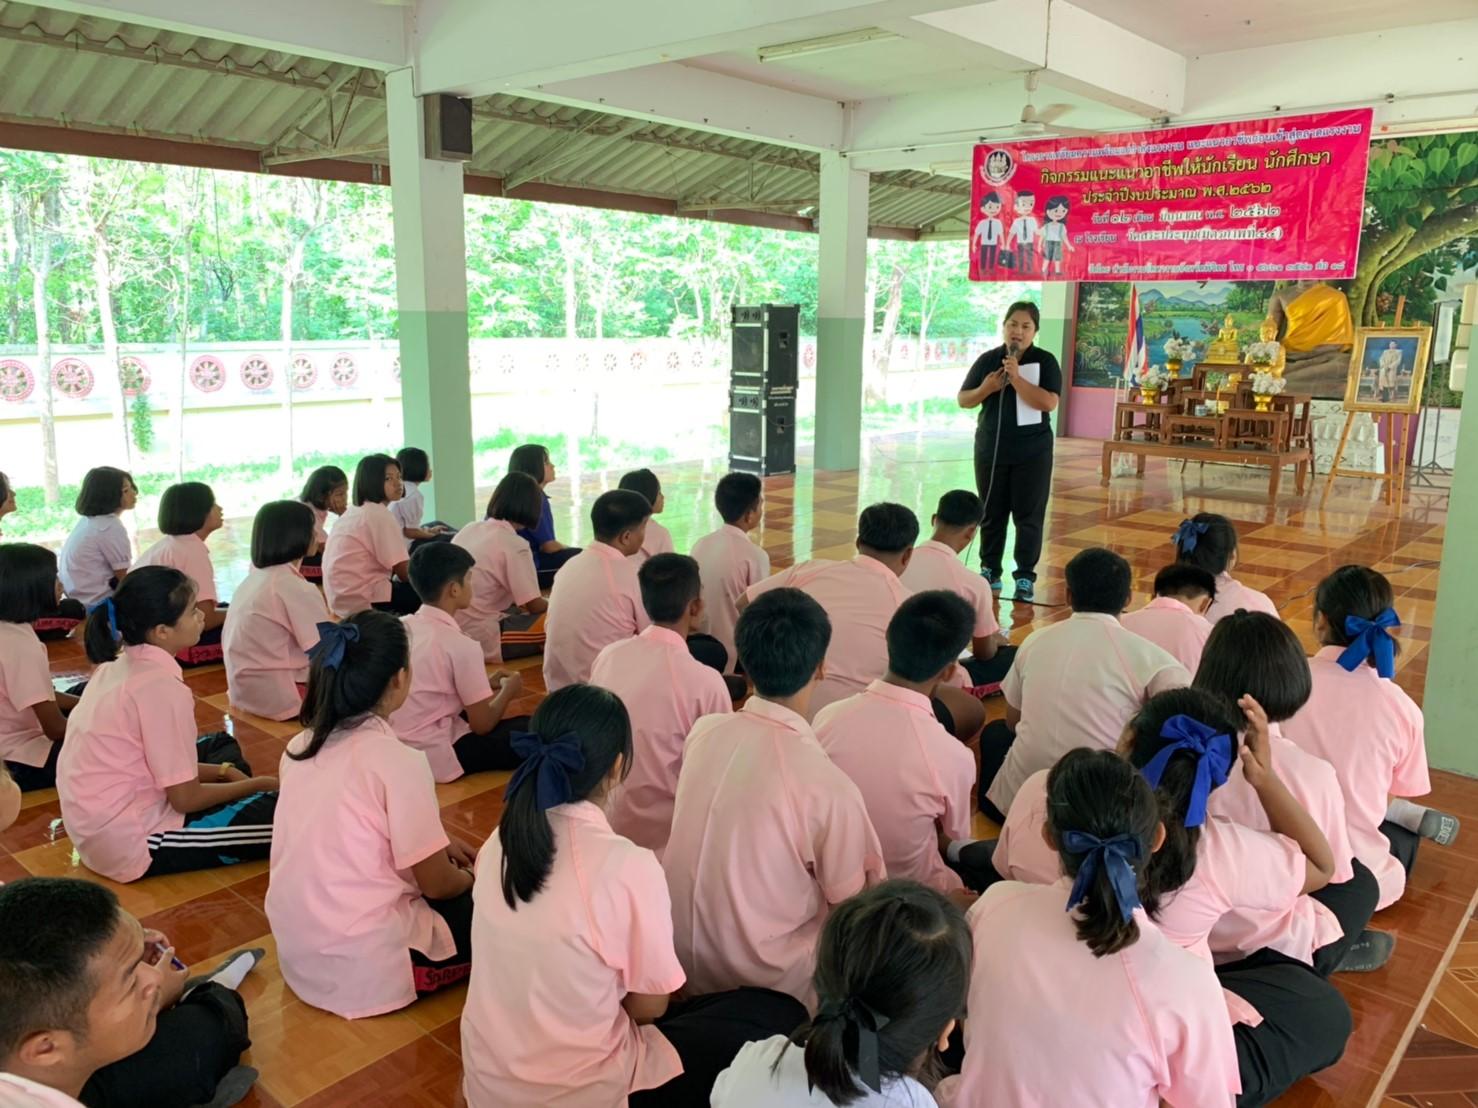 สจจ.พิจิตรดำเนินกิจกรรมแนะแนวอาชีพให้นักเรียน นักศึกษา อำเภอโพธิ์ประทับช้าง